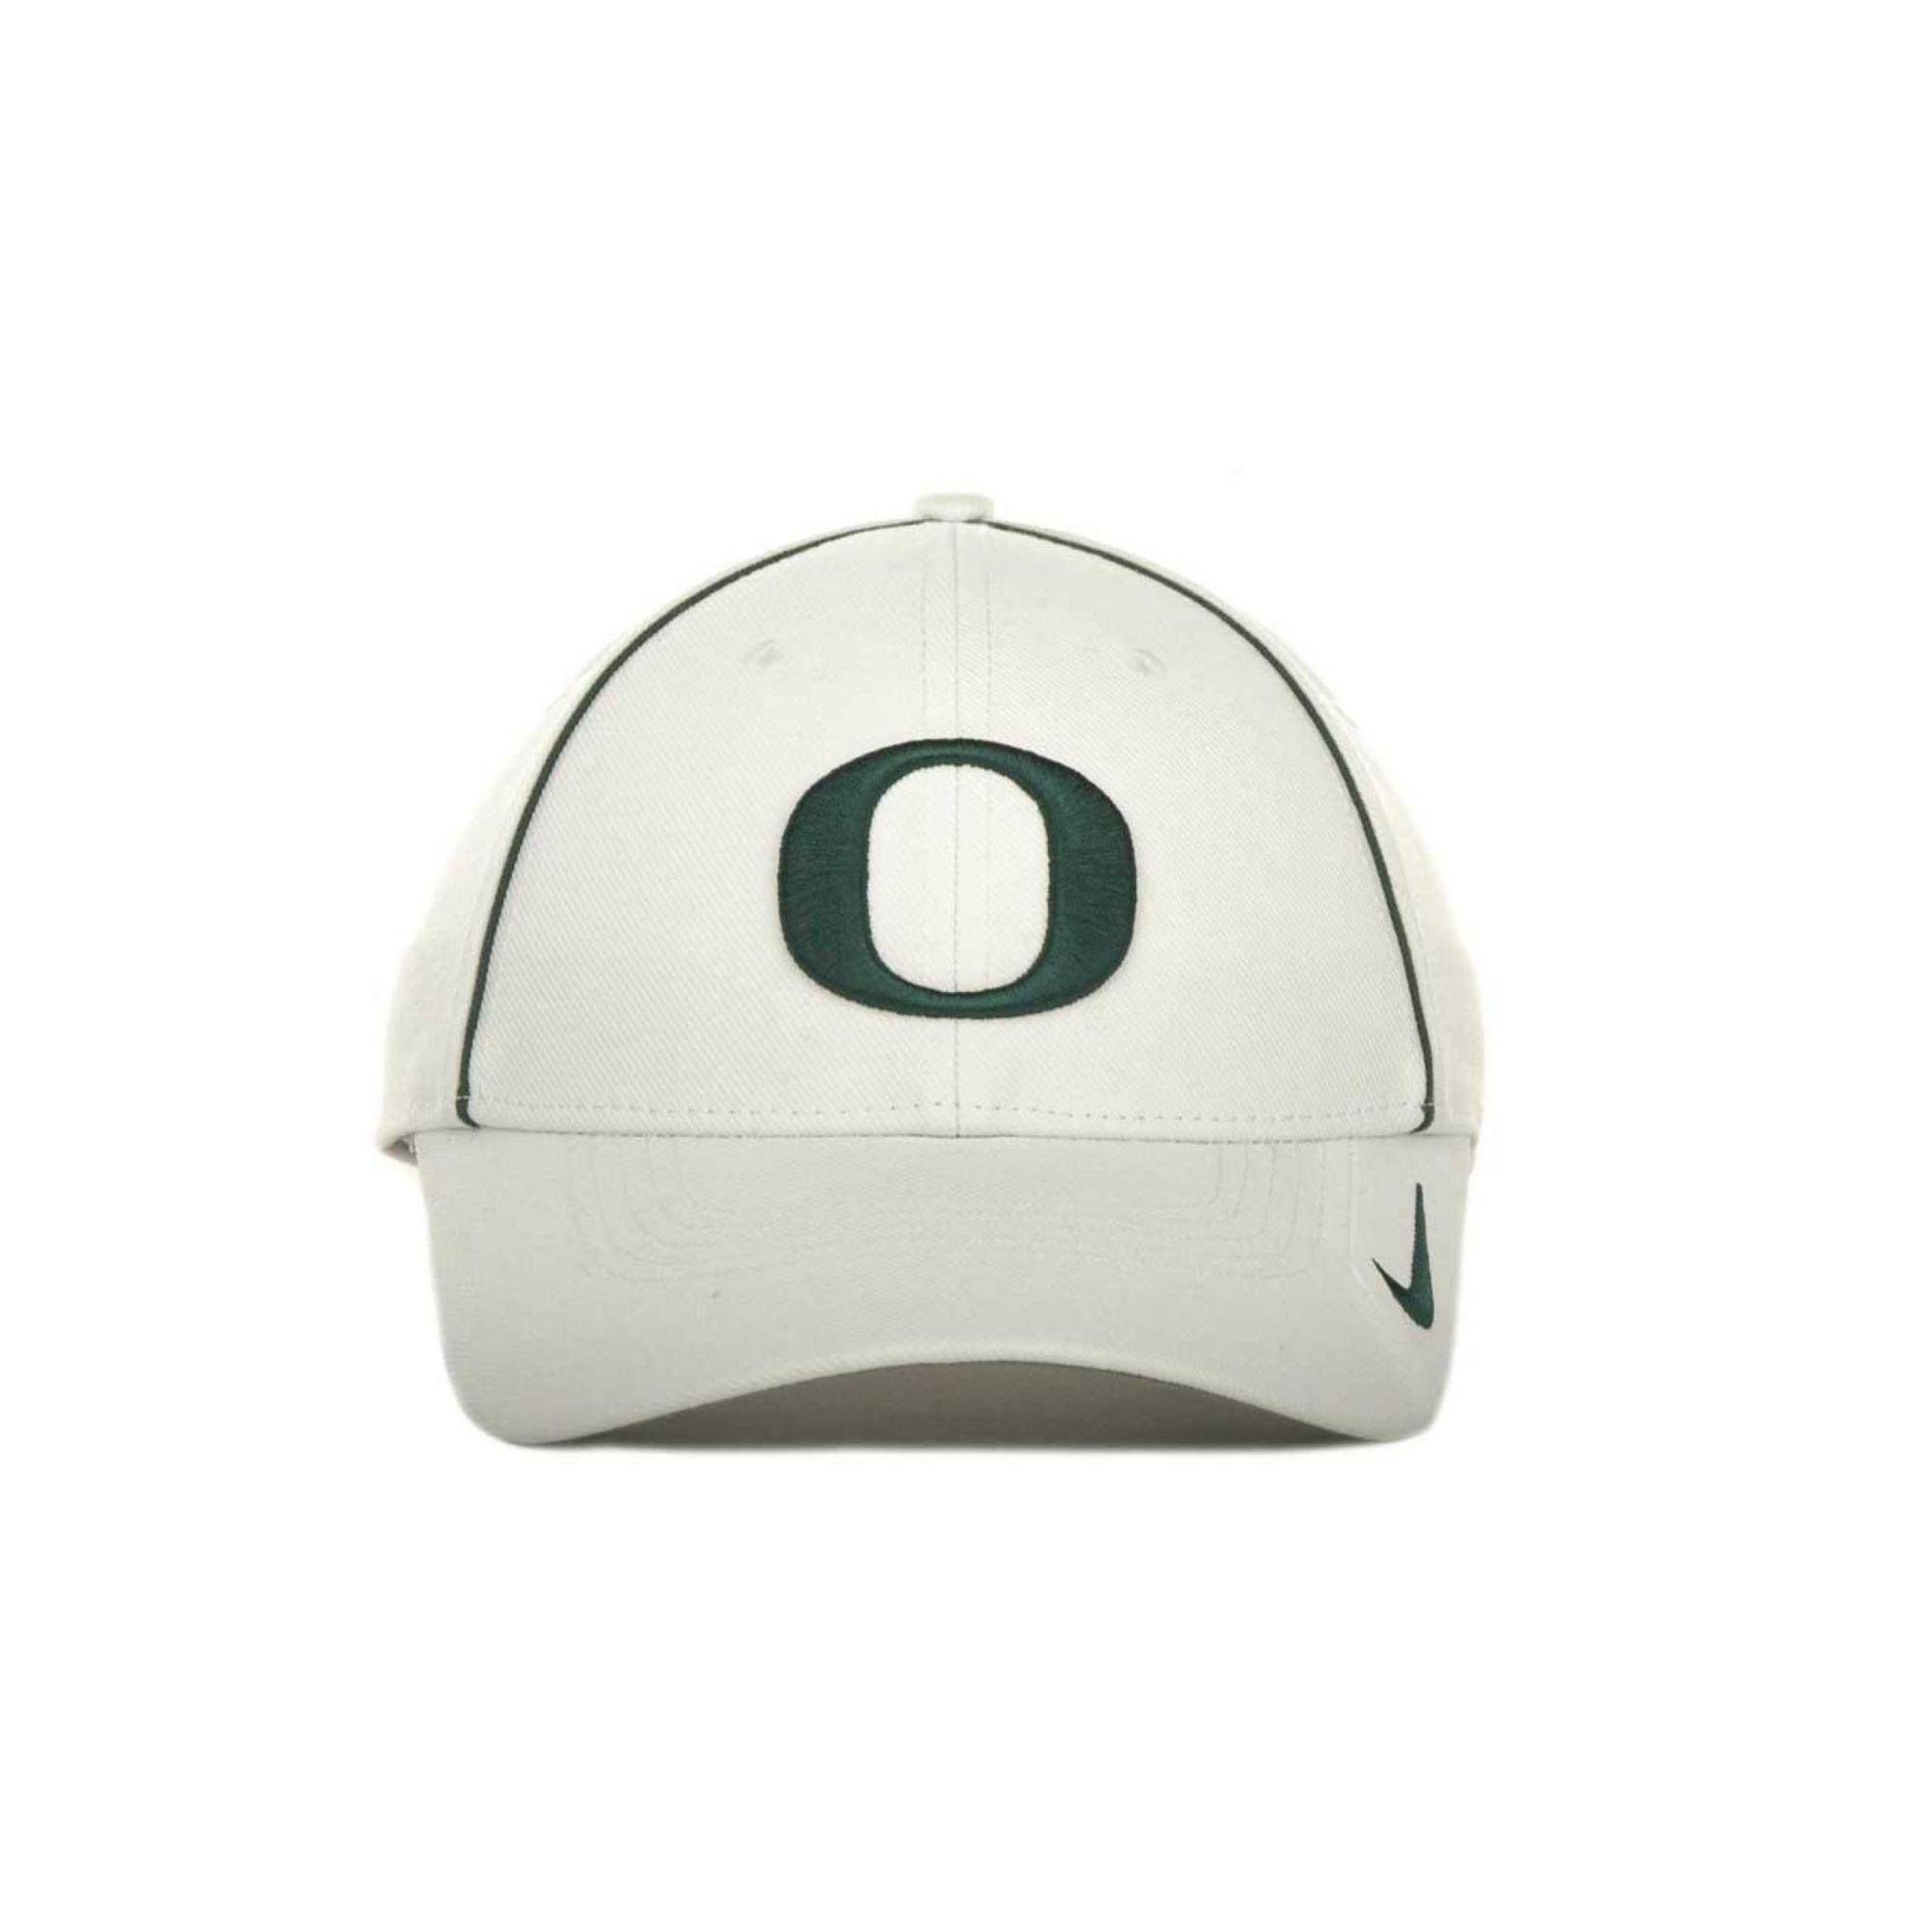 b4c23738b61 Lyst - Nike Oregon Ducks Sideline Legacy 91 Cap in White for Men